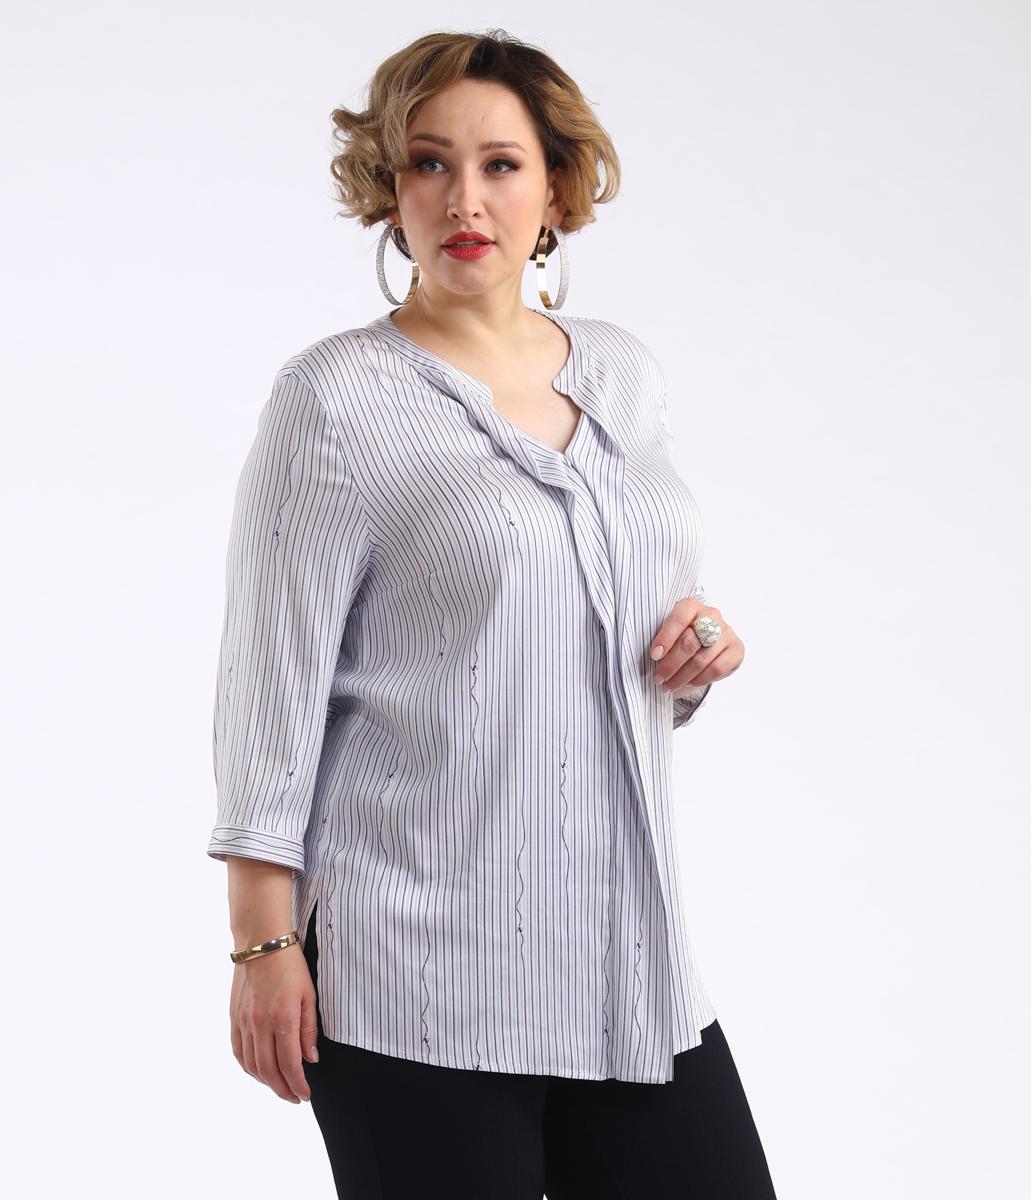 Блузка женская Averi, цвет: светло-розовый. 1432. Размер 64 (66) блузка женская averi цвет оранжевый 1440 размер 64 66